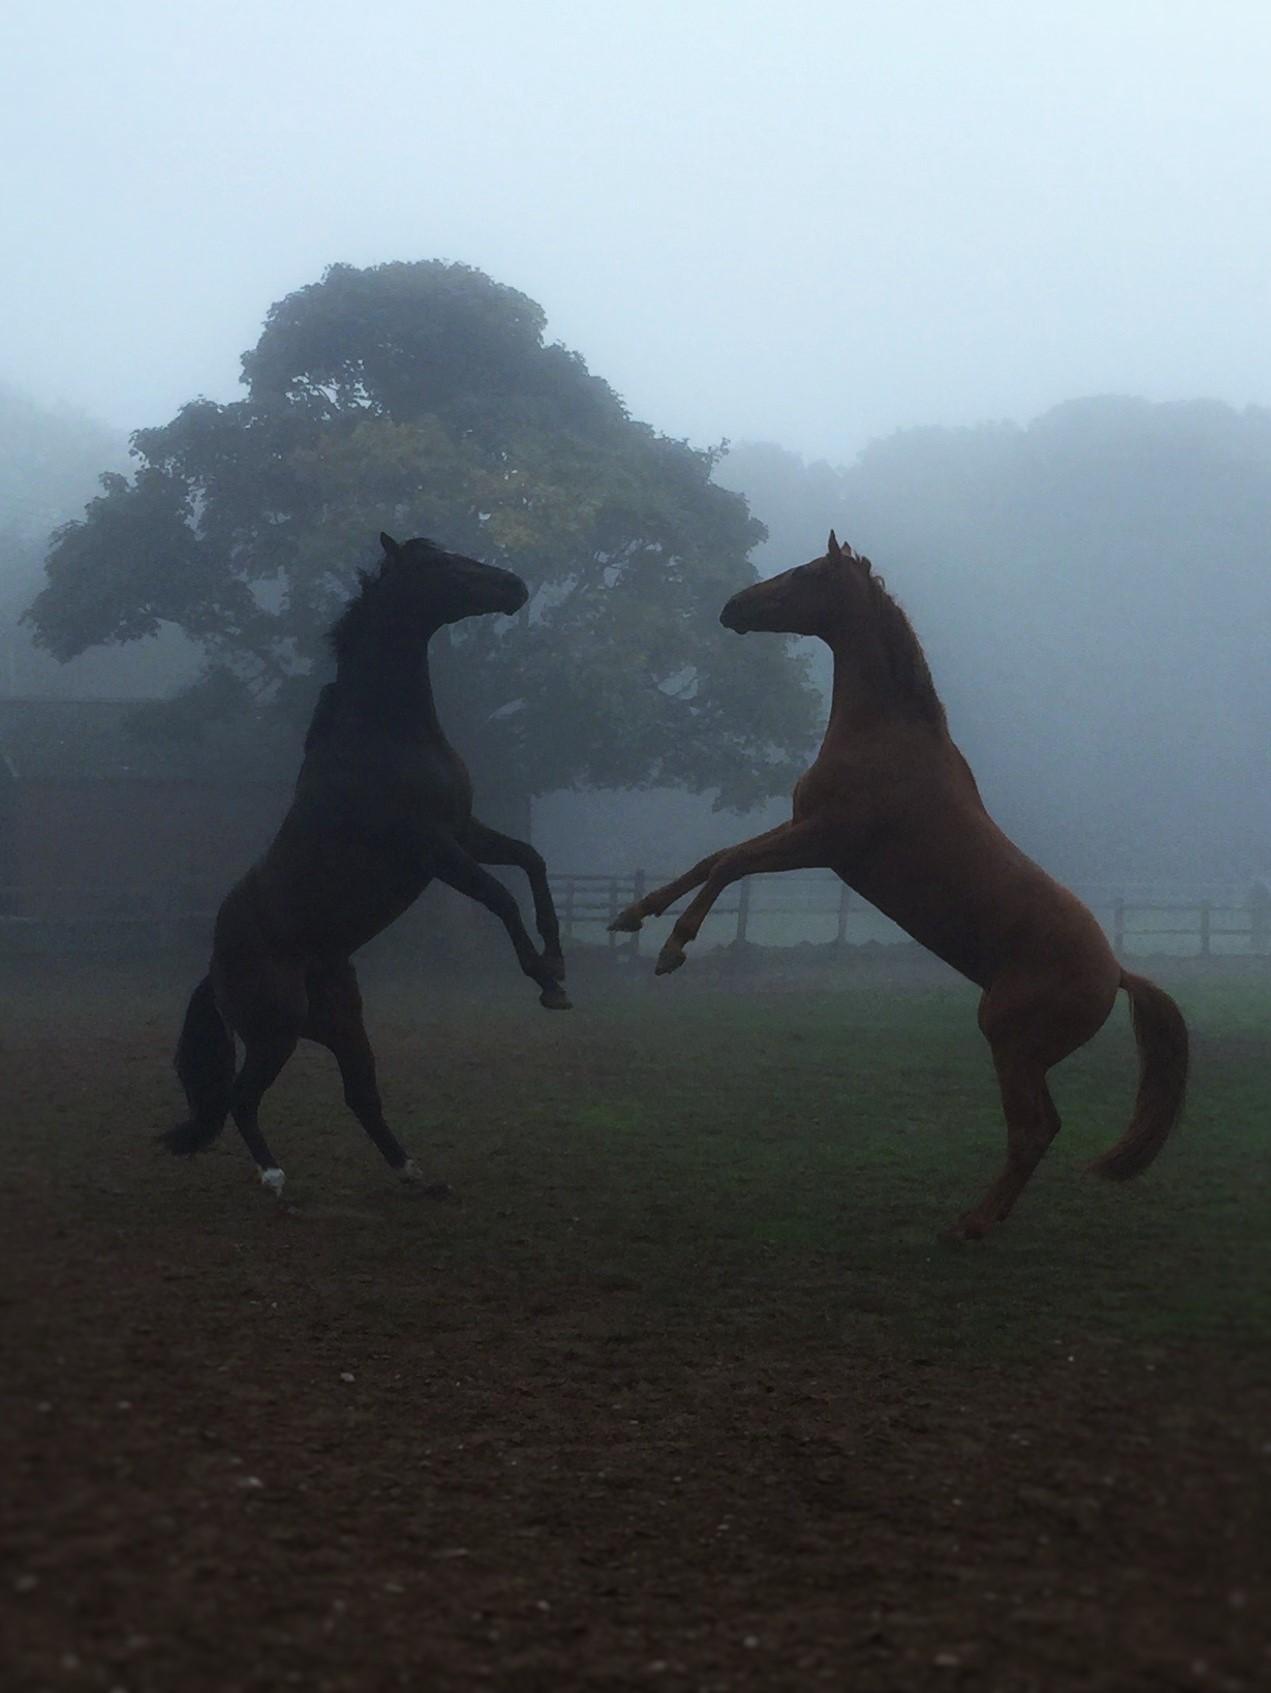 REARING HORSES